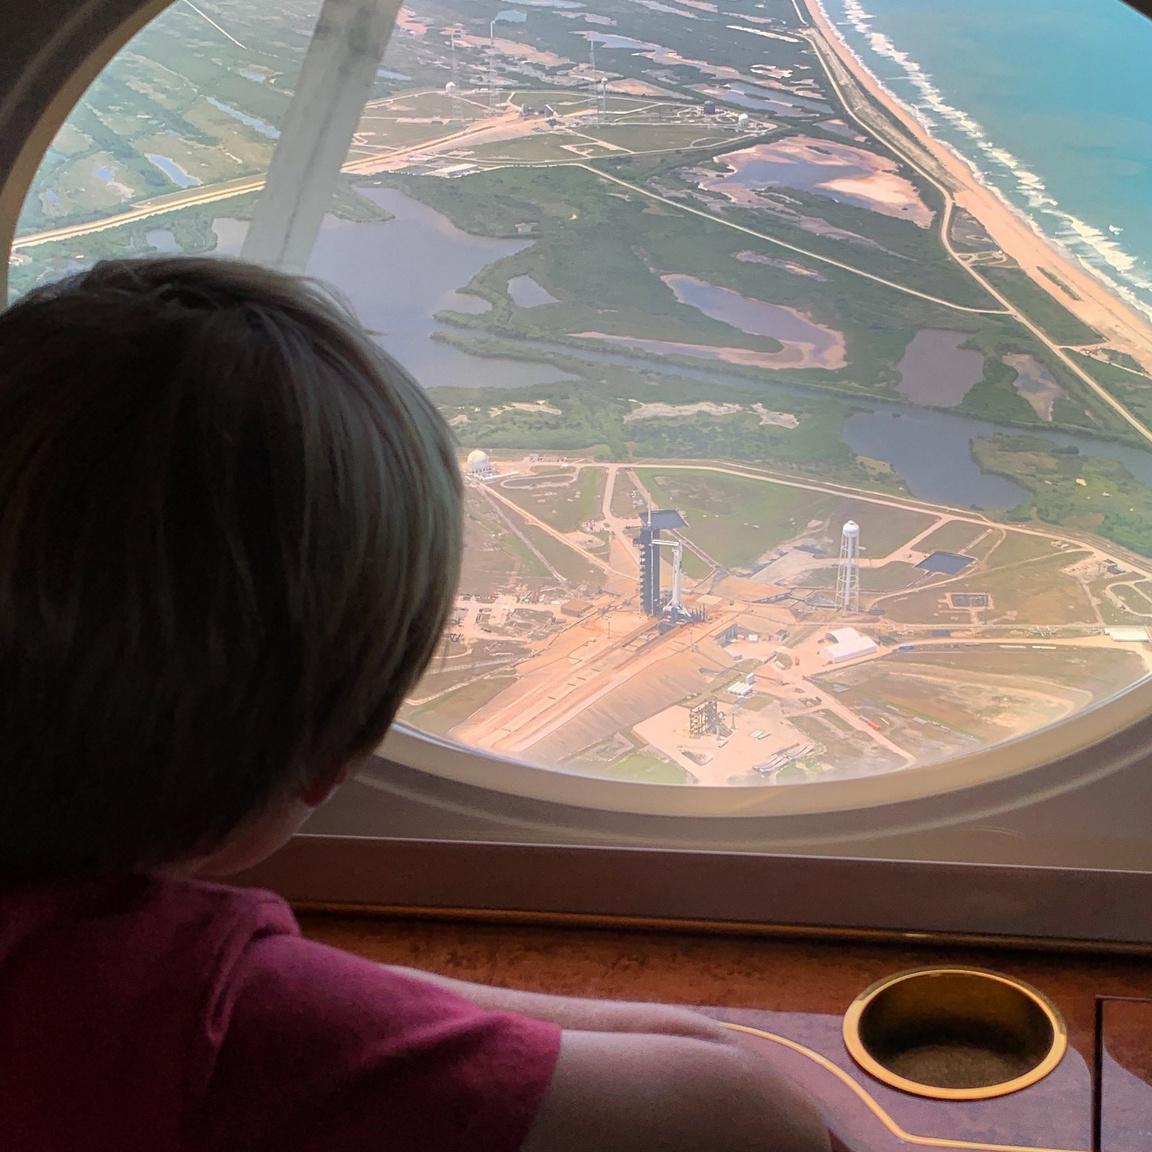 Karen L. Nyberg NASA űrhajós felvétele kisfiáról, ahogy a 39A startállást nézi, ahonnan édesapja, Bob Behnken fog hamarosan az űrbe indulni. Behnken felesége és fiuk május 24-én érkeztek meg a Kennedy Űrközpontba, hogy ott lehessenek a történelmi startnál.